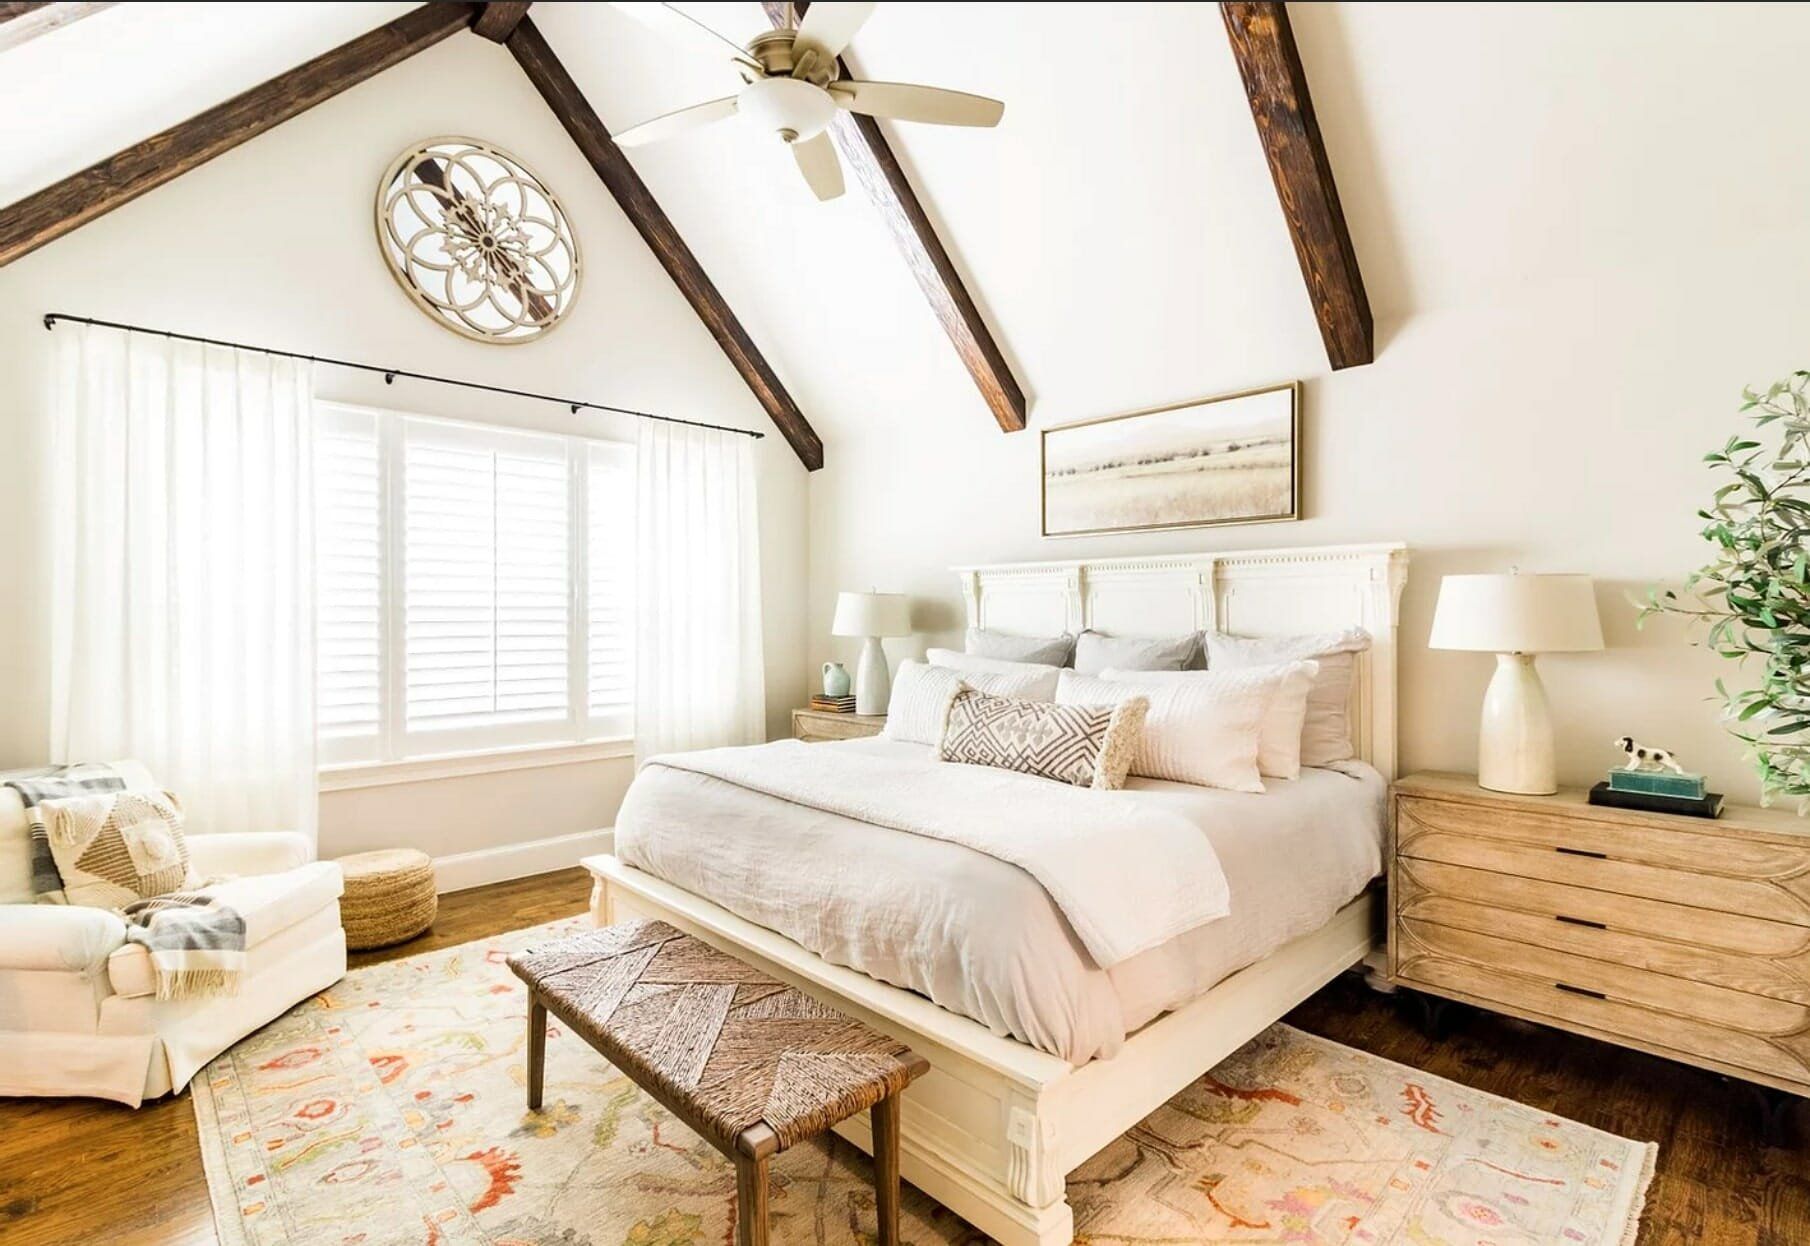 Neutral rustic bedroom by top dallas interior designers, landry designs 2